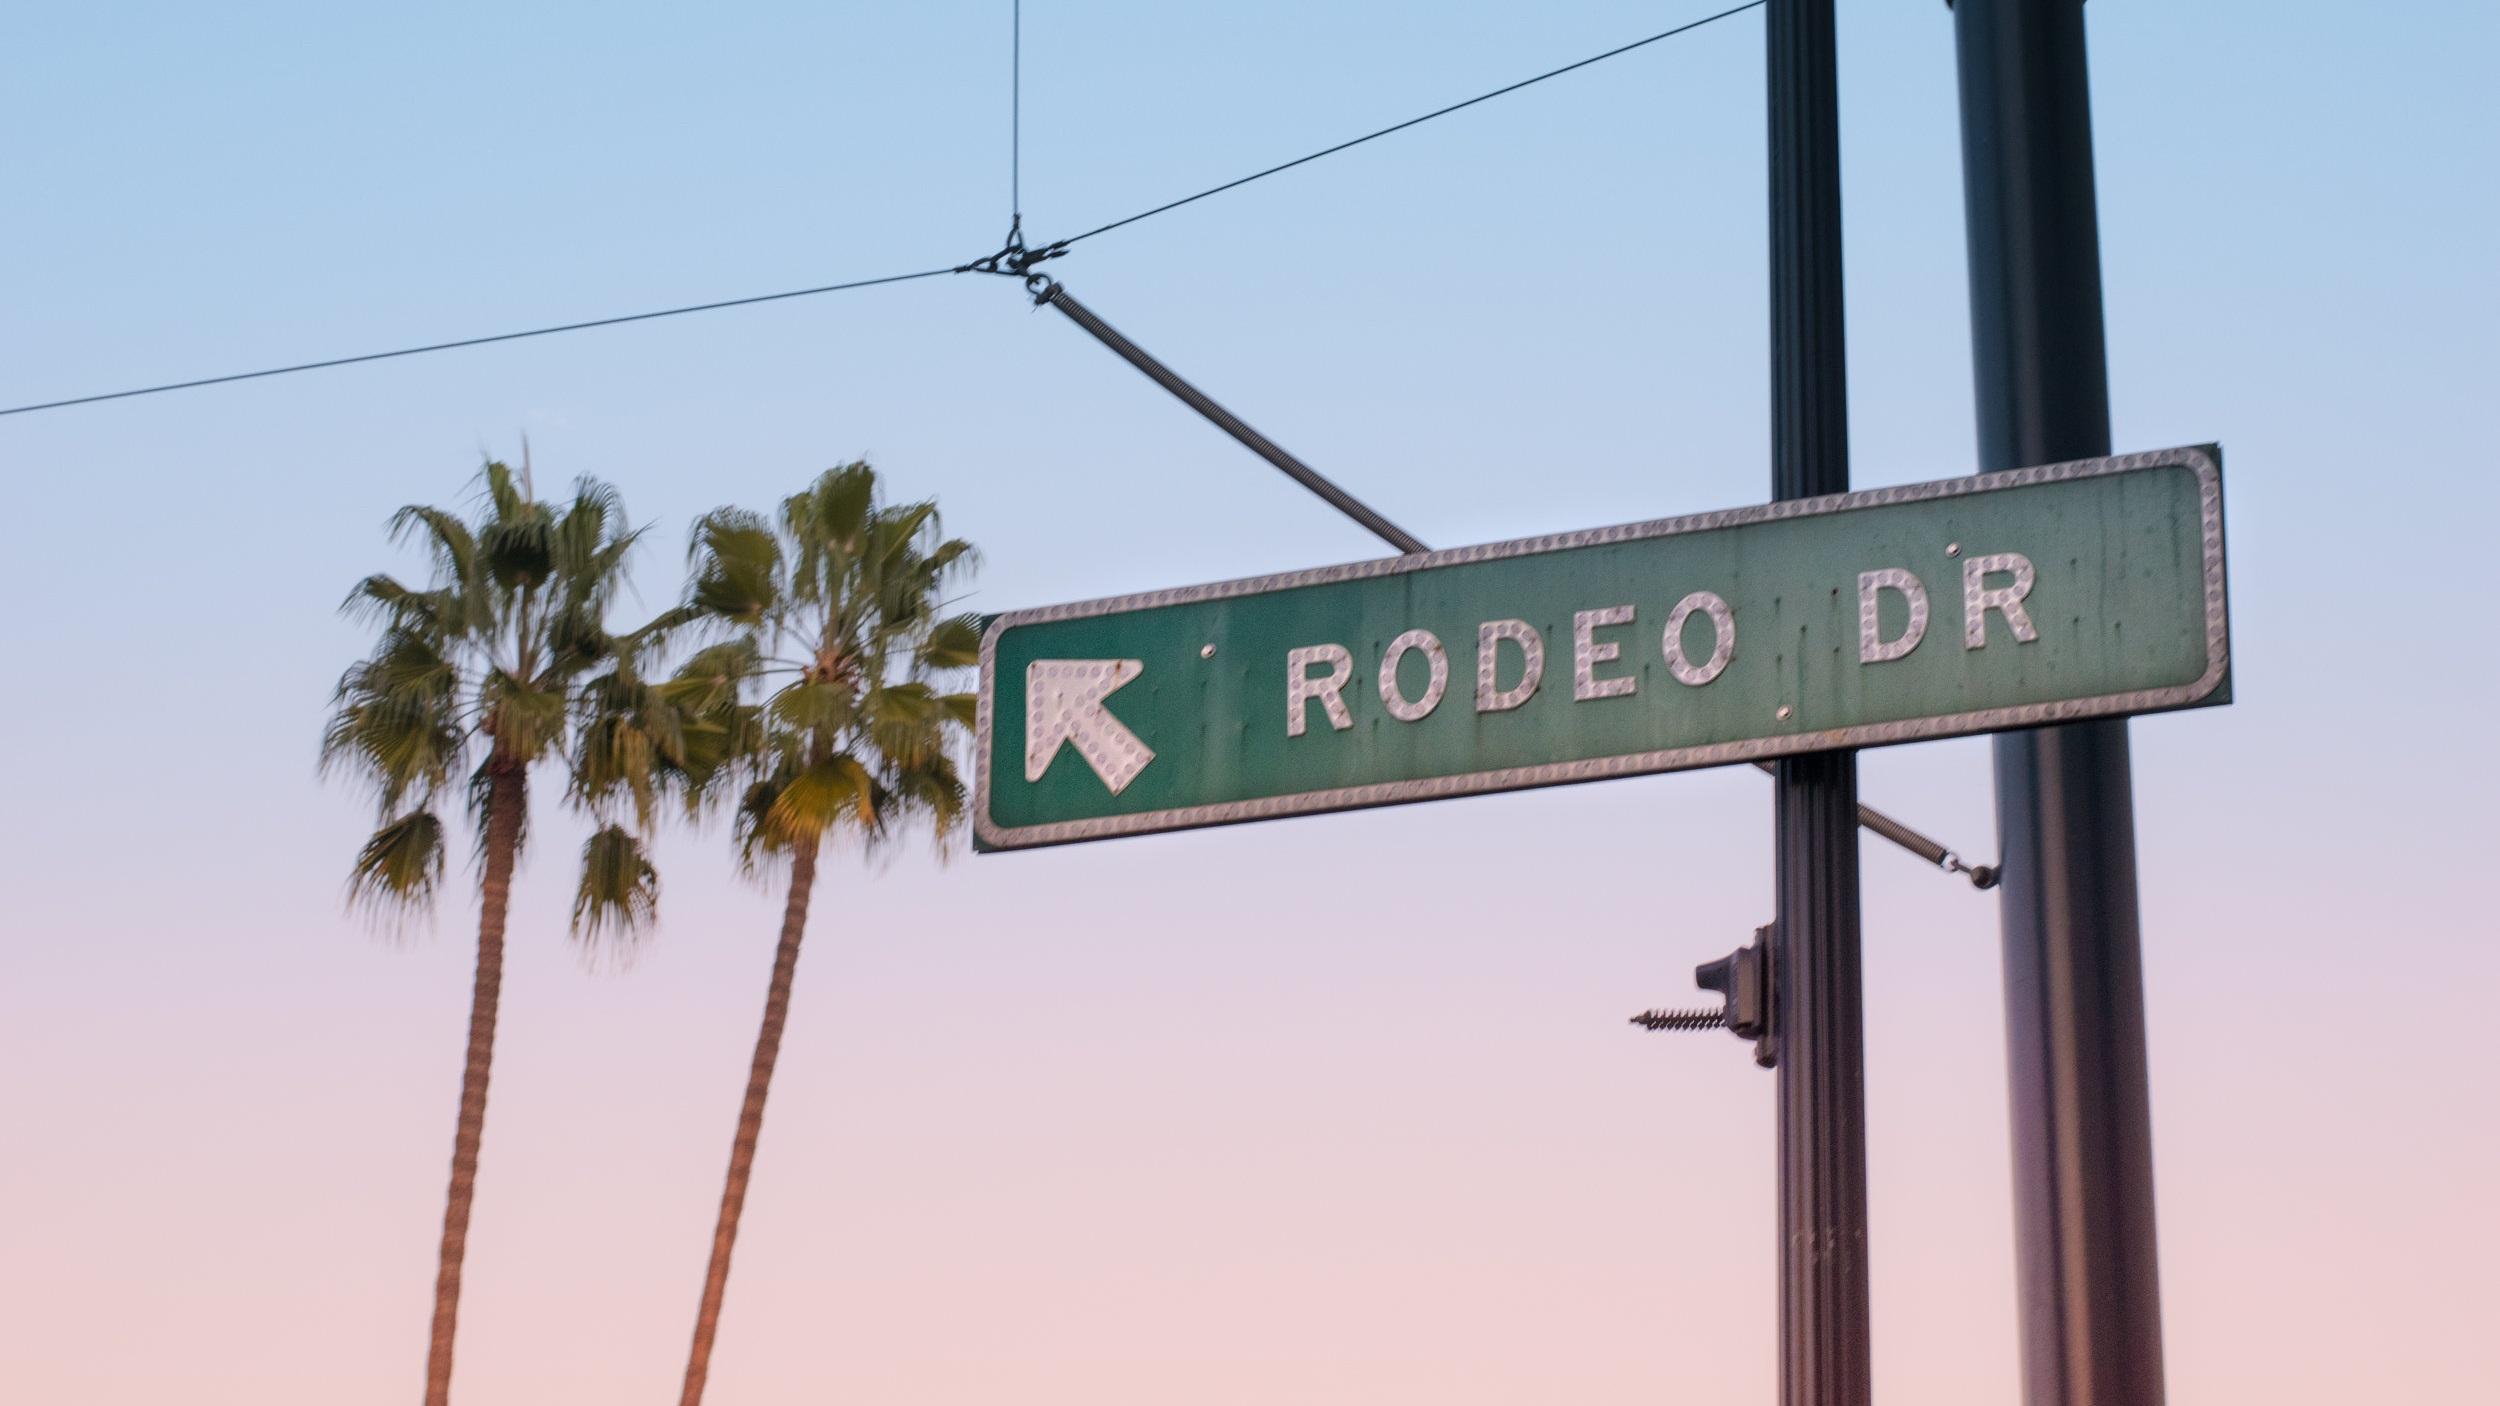 Beverly Hills - Nej, nu pratar vi inte om den ikoniska TV-serien från 90-talet och världens mest välkända postnummer 90210 utan om staden. Beverly Hills omges av Los Angeles och är hem för många filmstjärnor - har du tur stöter du på någon. Här finns också affärsgatan Rodeo Drive som erbjuder fantastisk shopping.